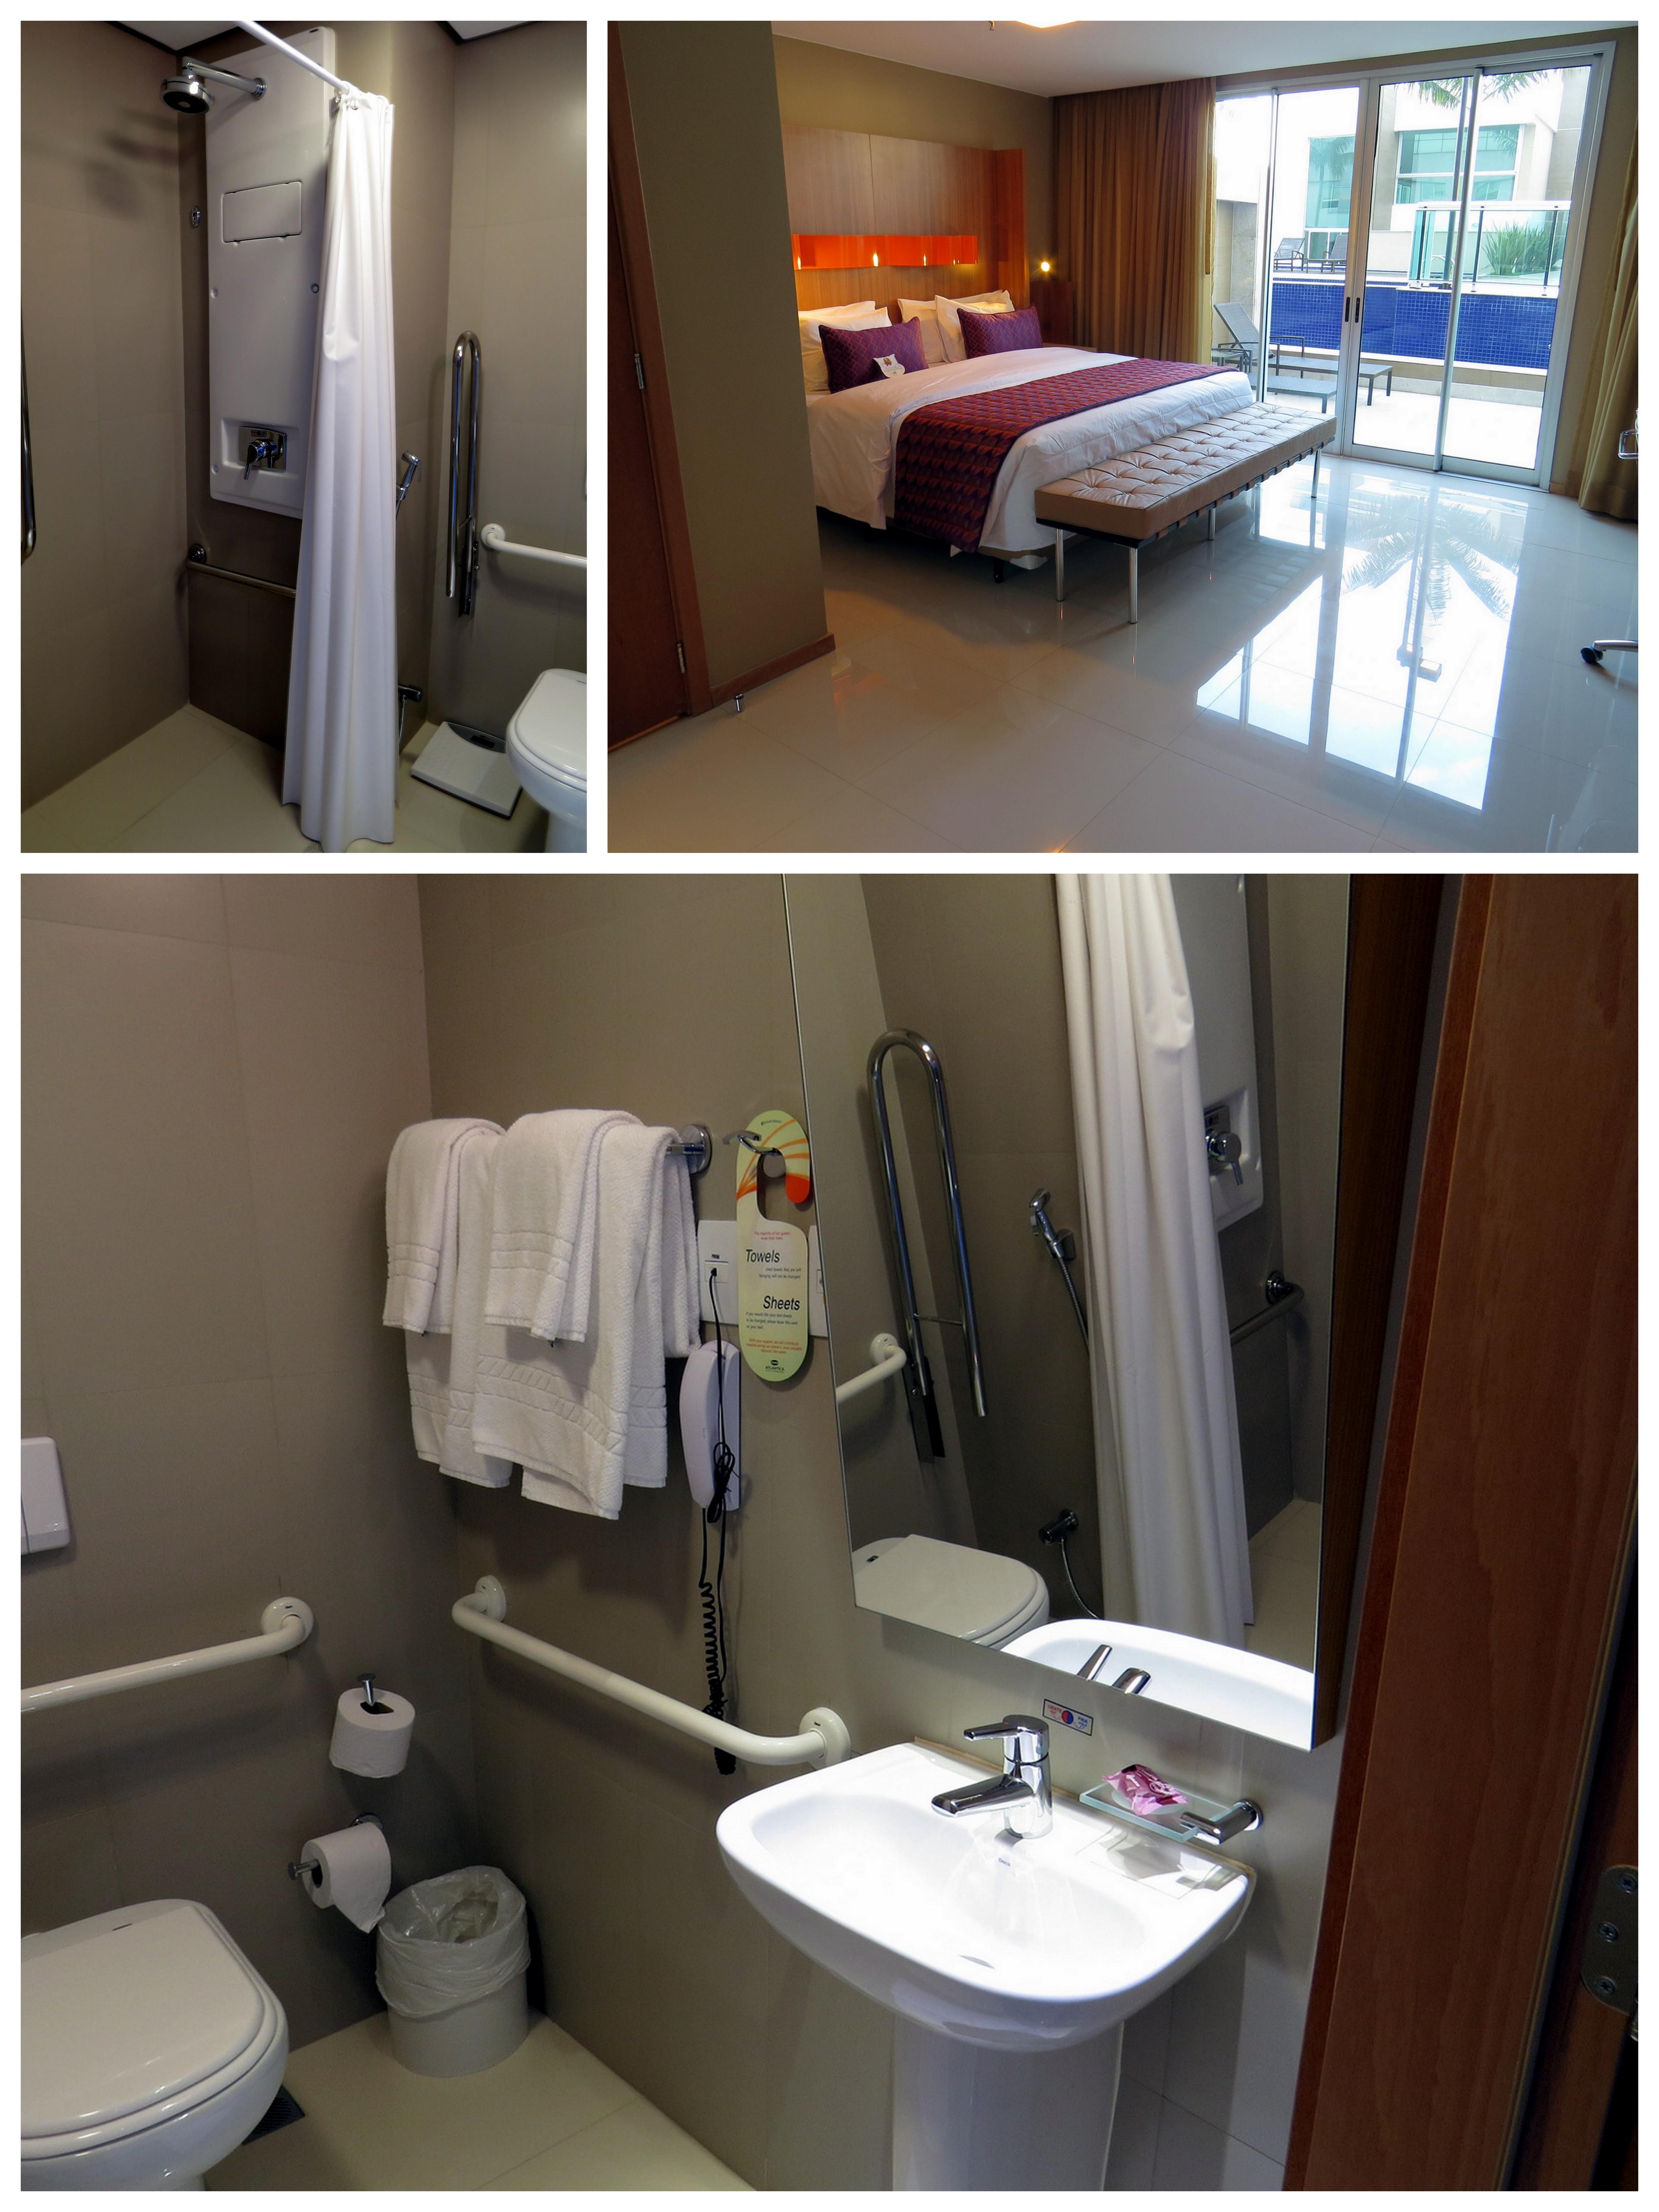 Blue Tree Premium Jade Brasilia: novo hotel de luxo na Capital Federal  #497382 3841x5120 Balança Digital Banheiro Como Regular